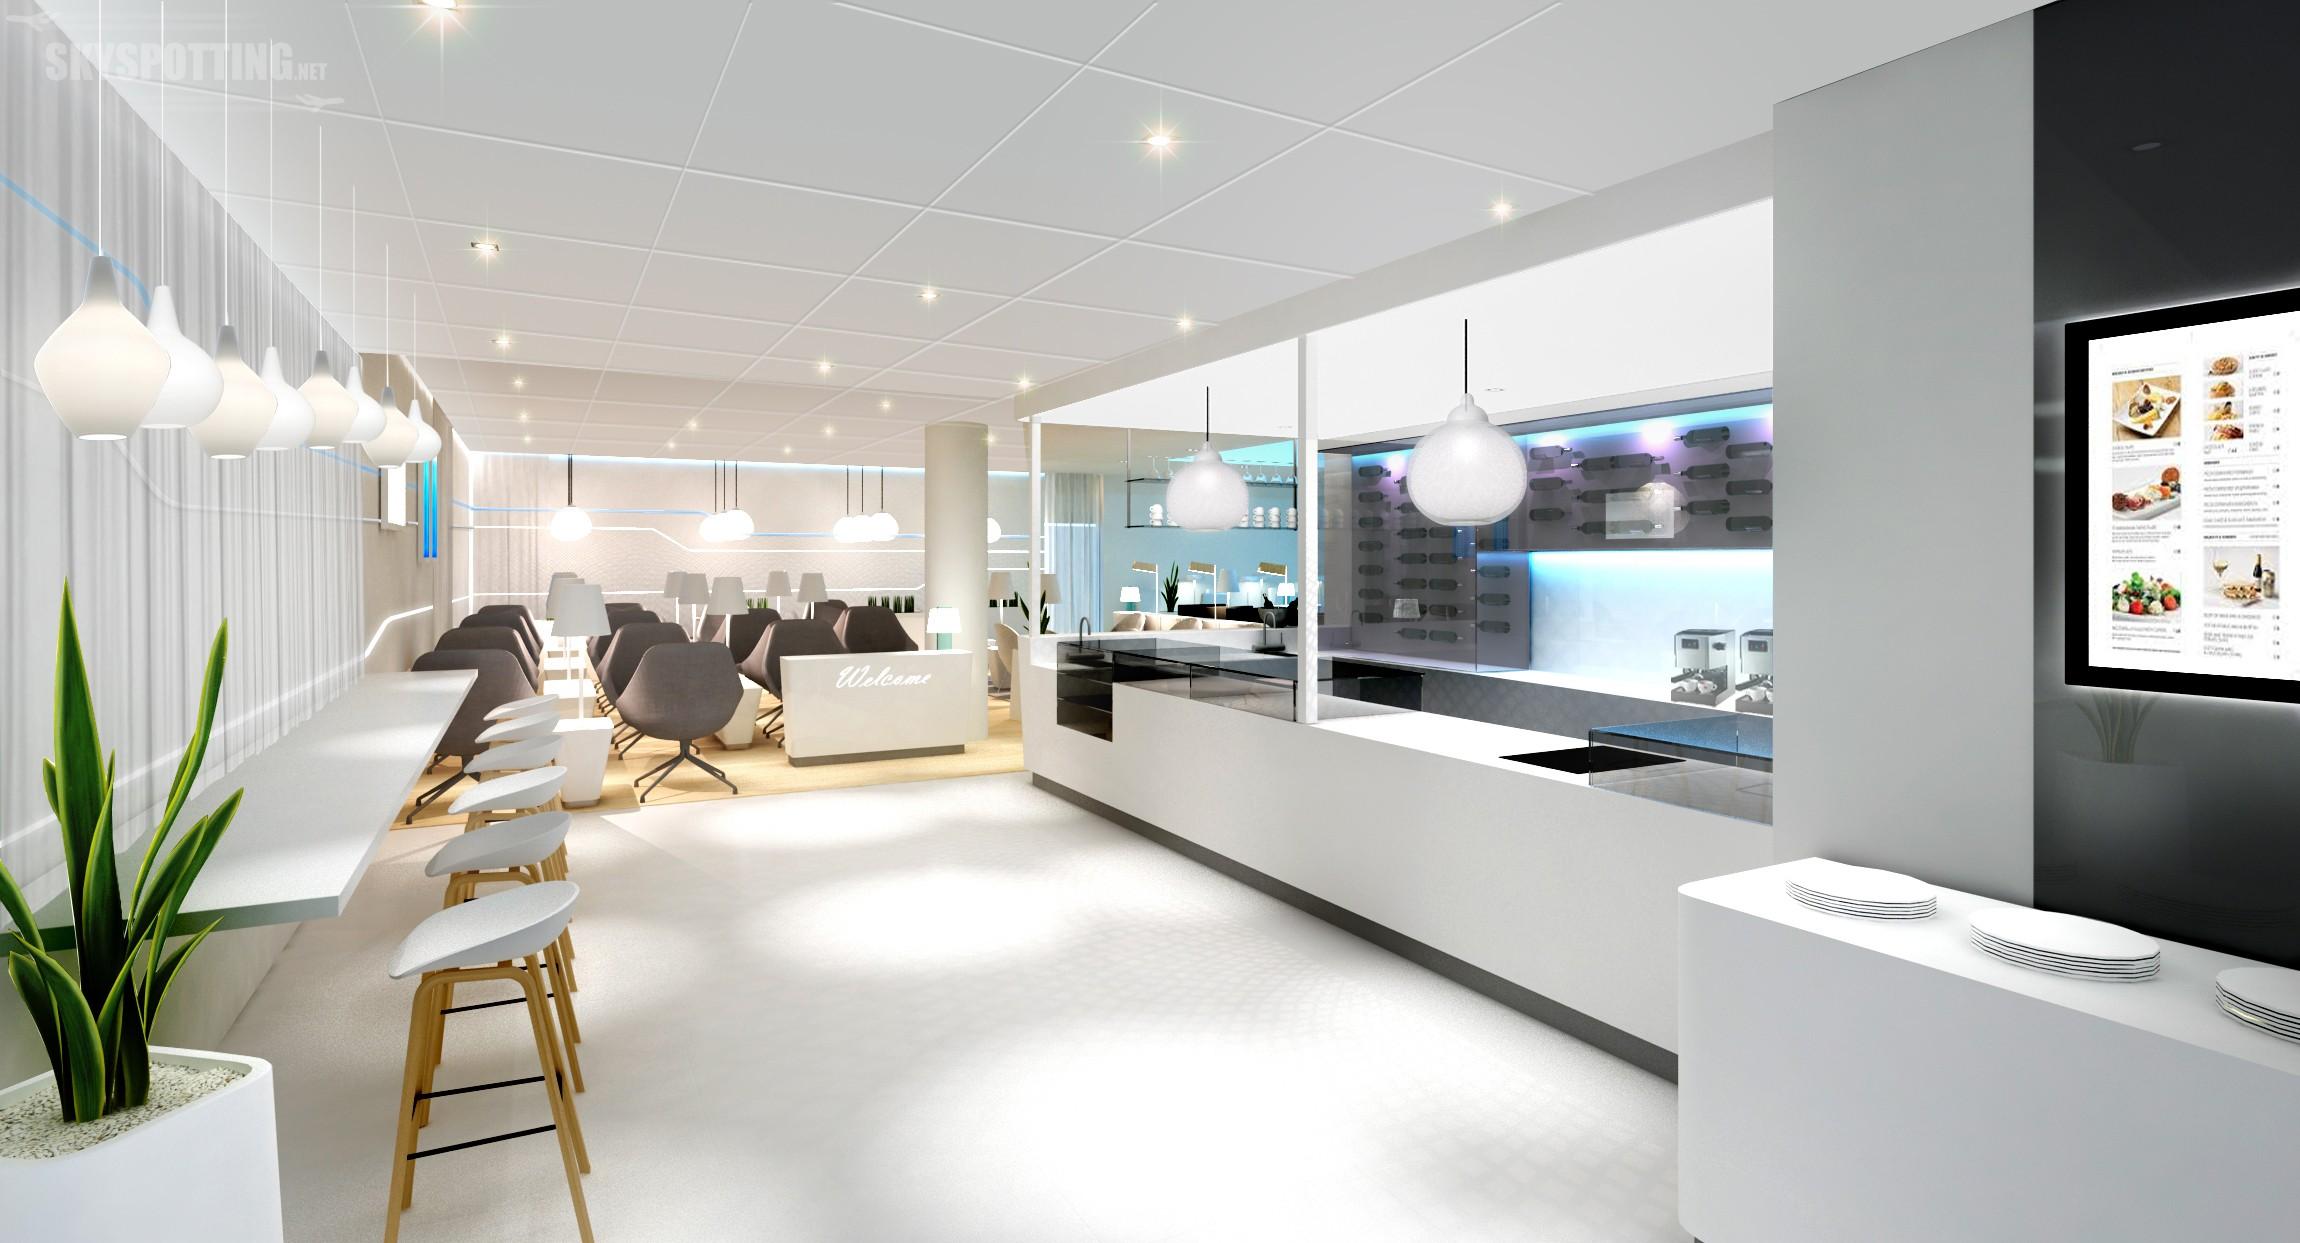 Finnair oferuje nowy pakiet Economy Comfort i opracowuje własną aplikację mobilną